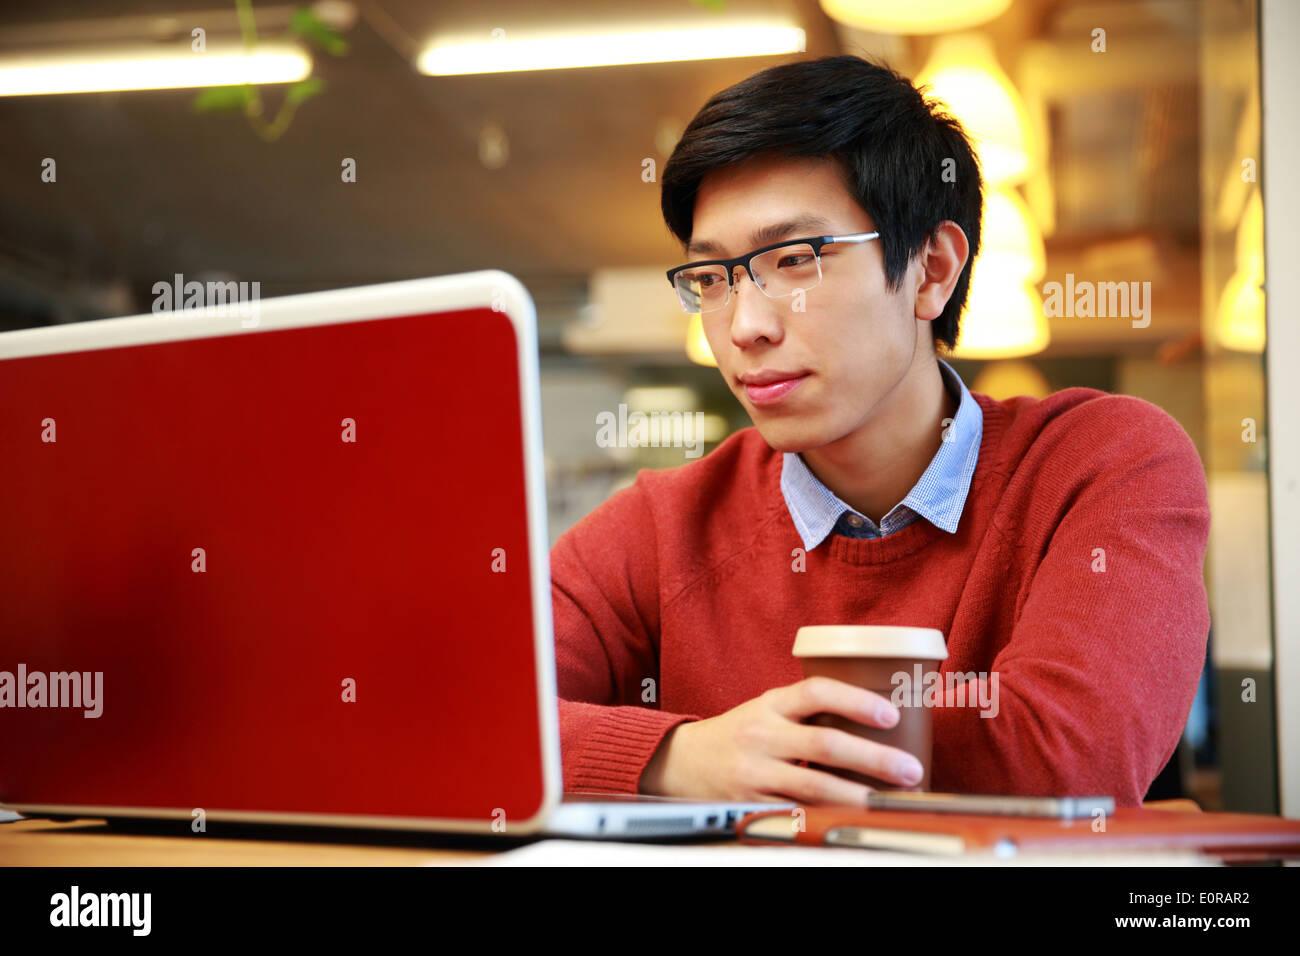 Junge asiatische Mann in Gläsern am Laptop arbeiten und halten Tasse Kaffee Stockbild